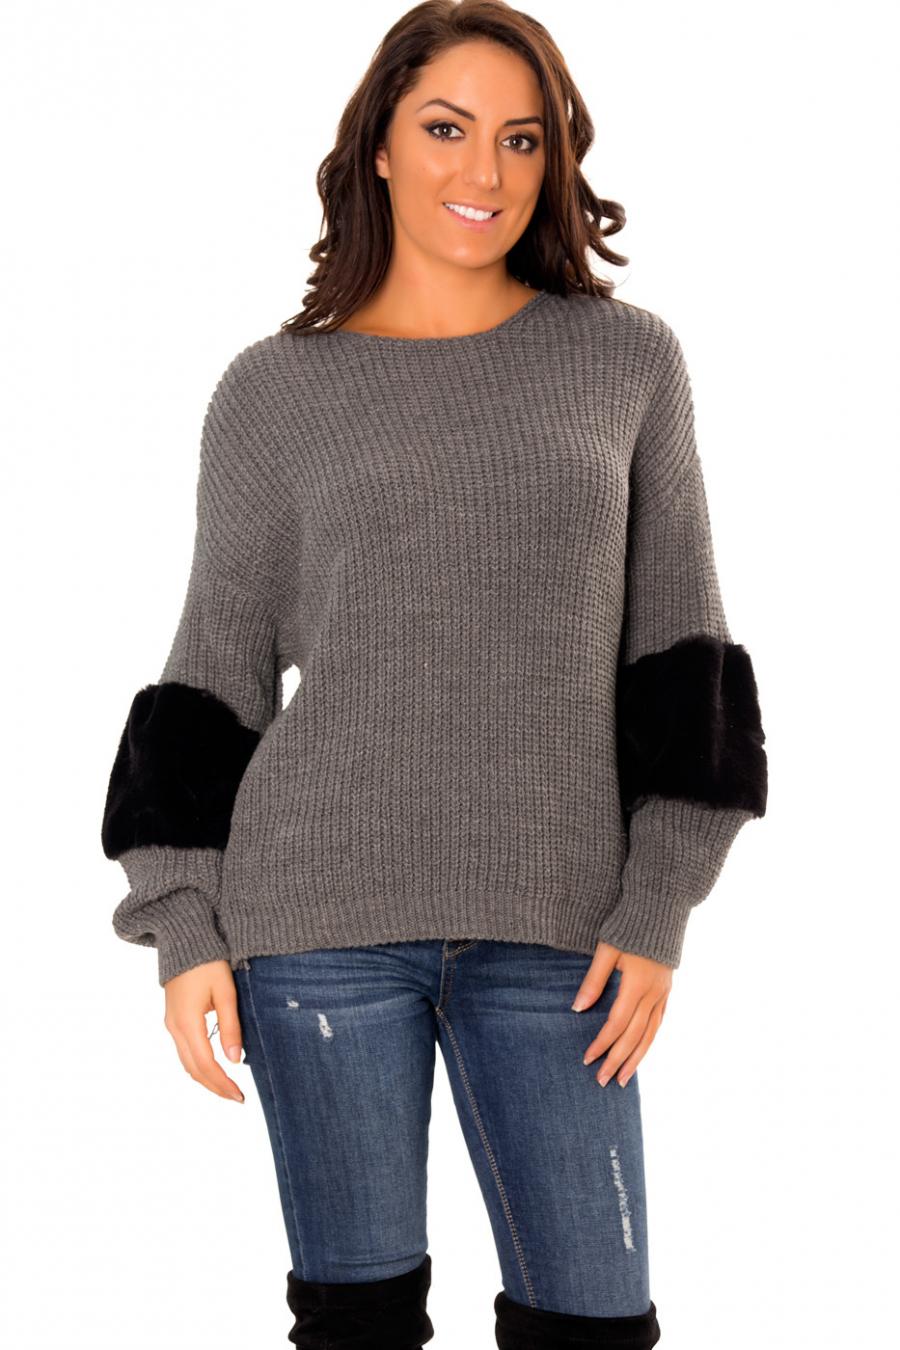 Sublime pull tricot anthracite avec fourrure synthétique ultra douce aux bras. 820.